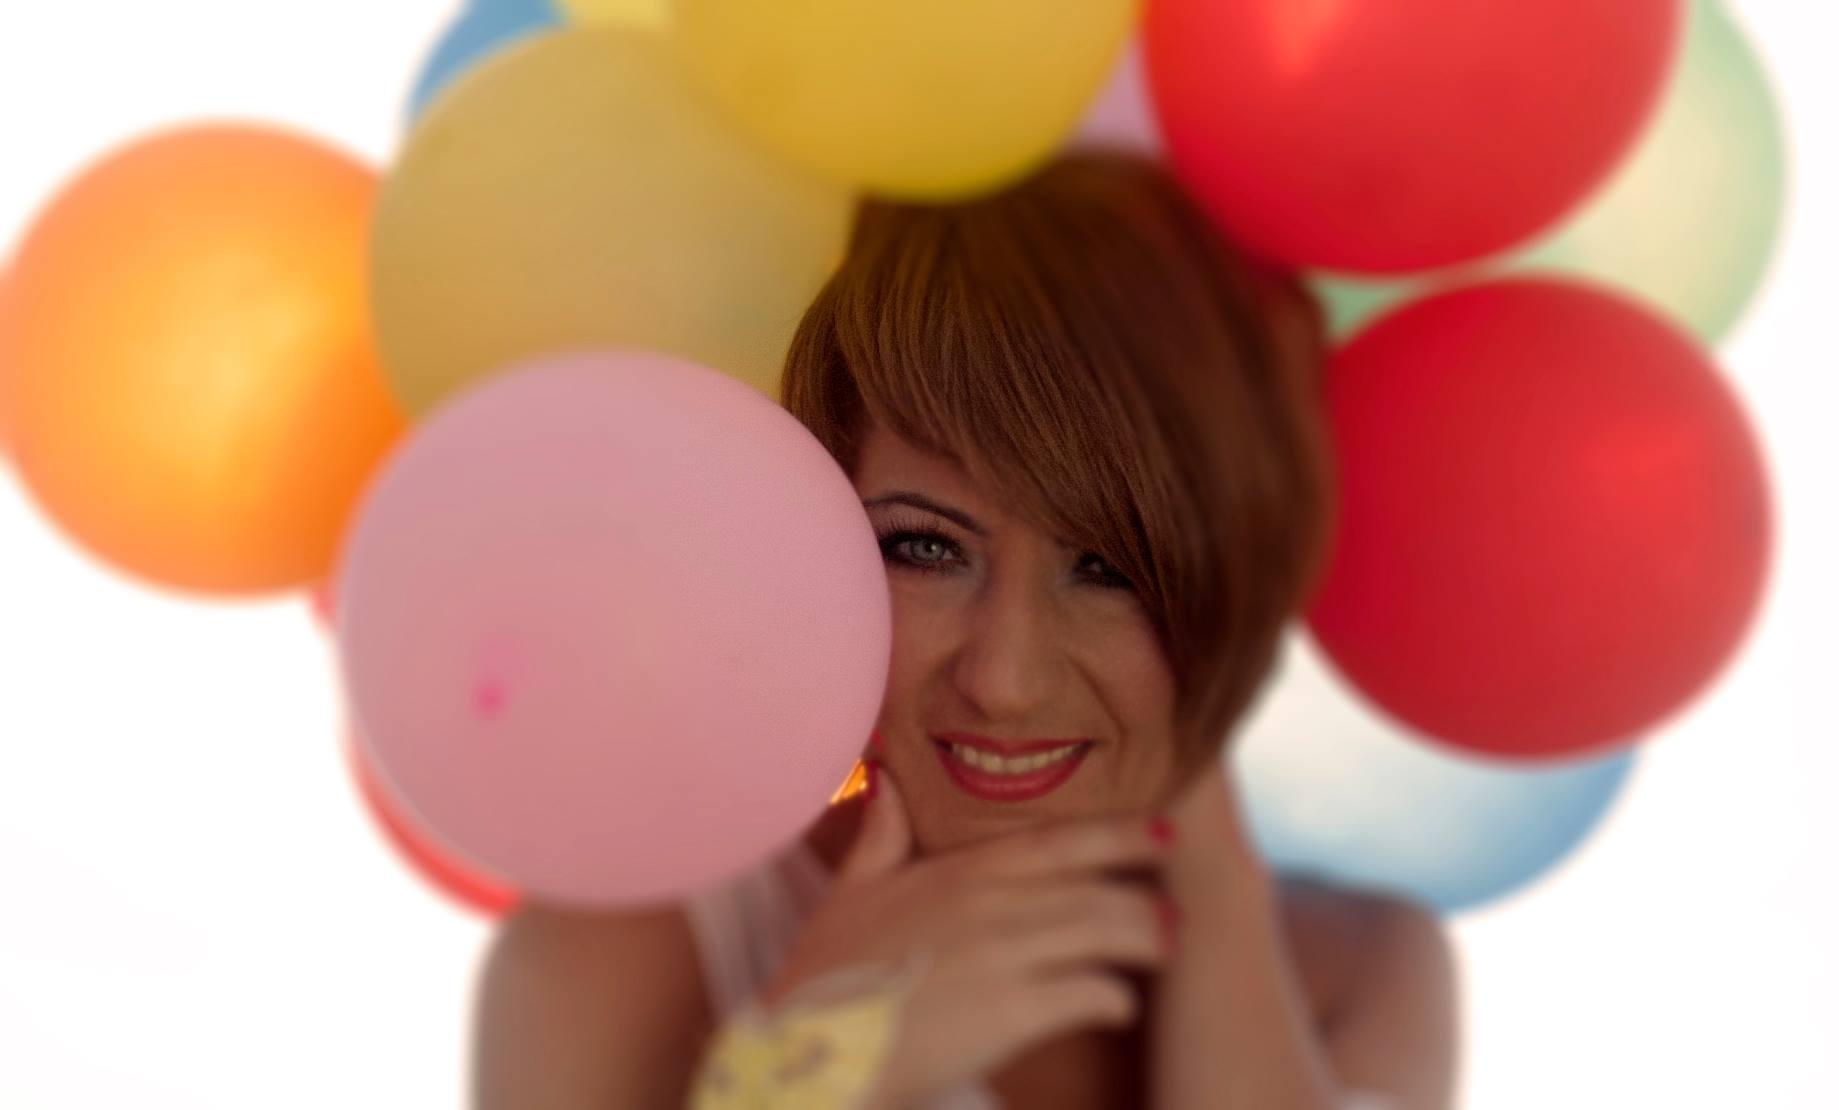 Milena Ulić: Moj blog je namijenjen svima koji cijene iskrenu emociju i srce puno ljubavi